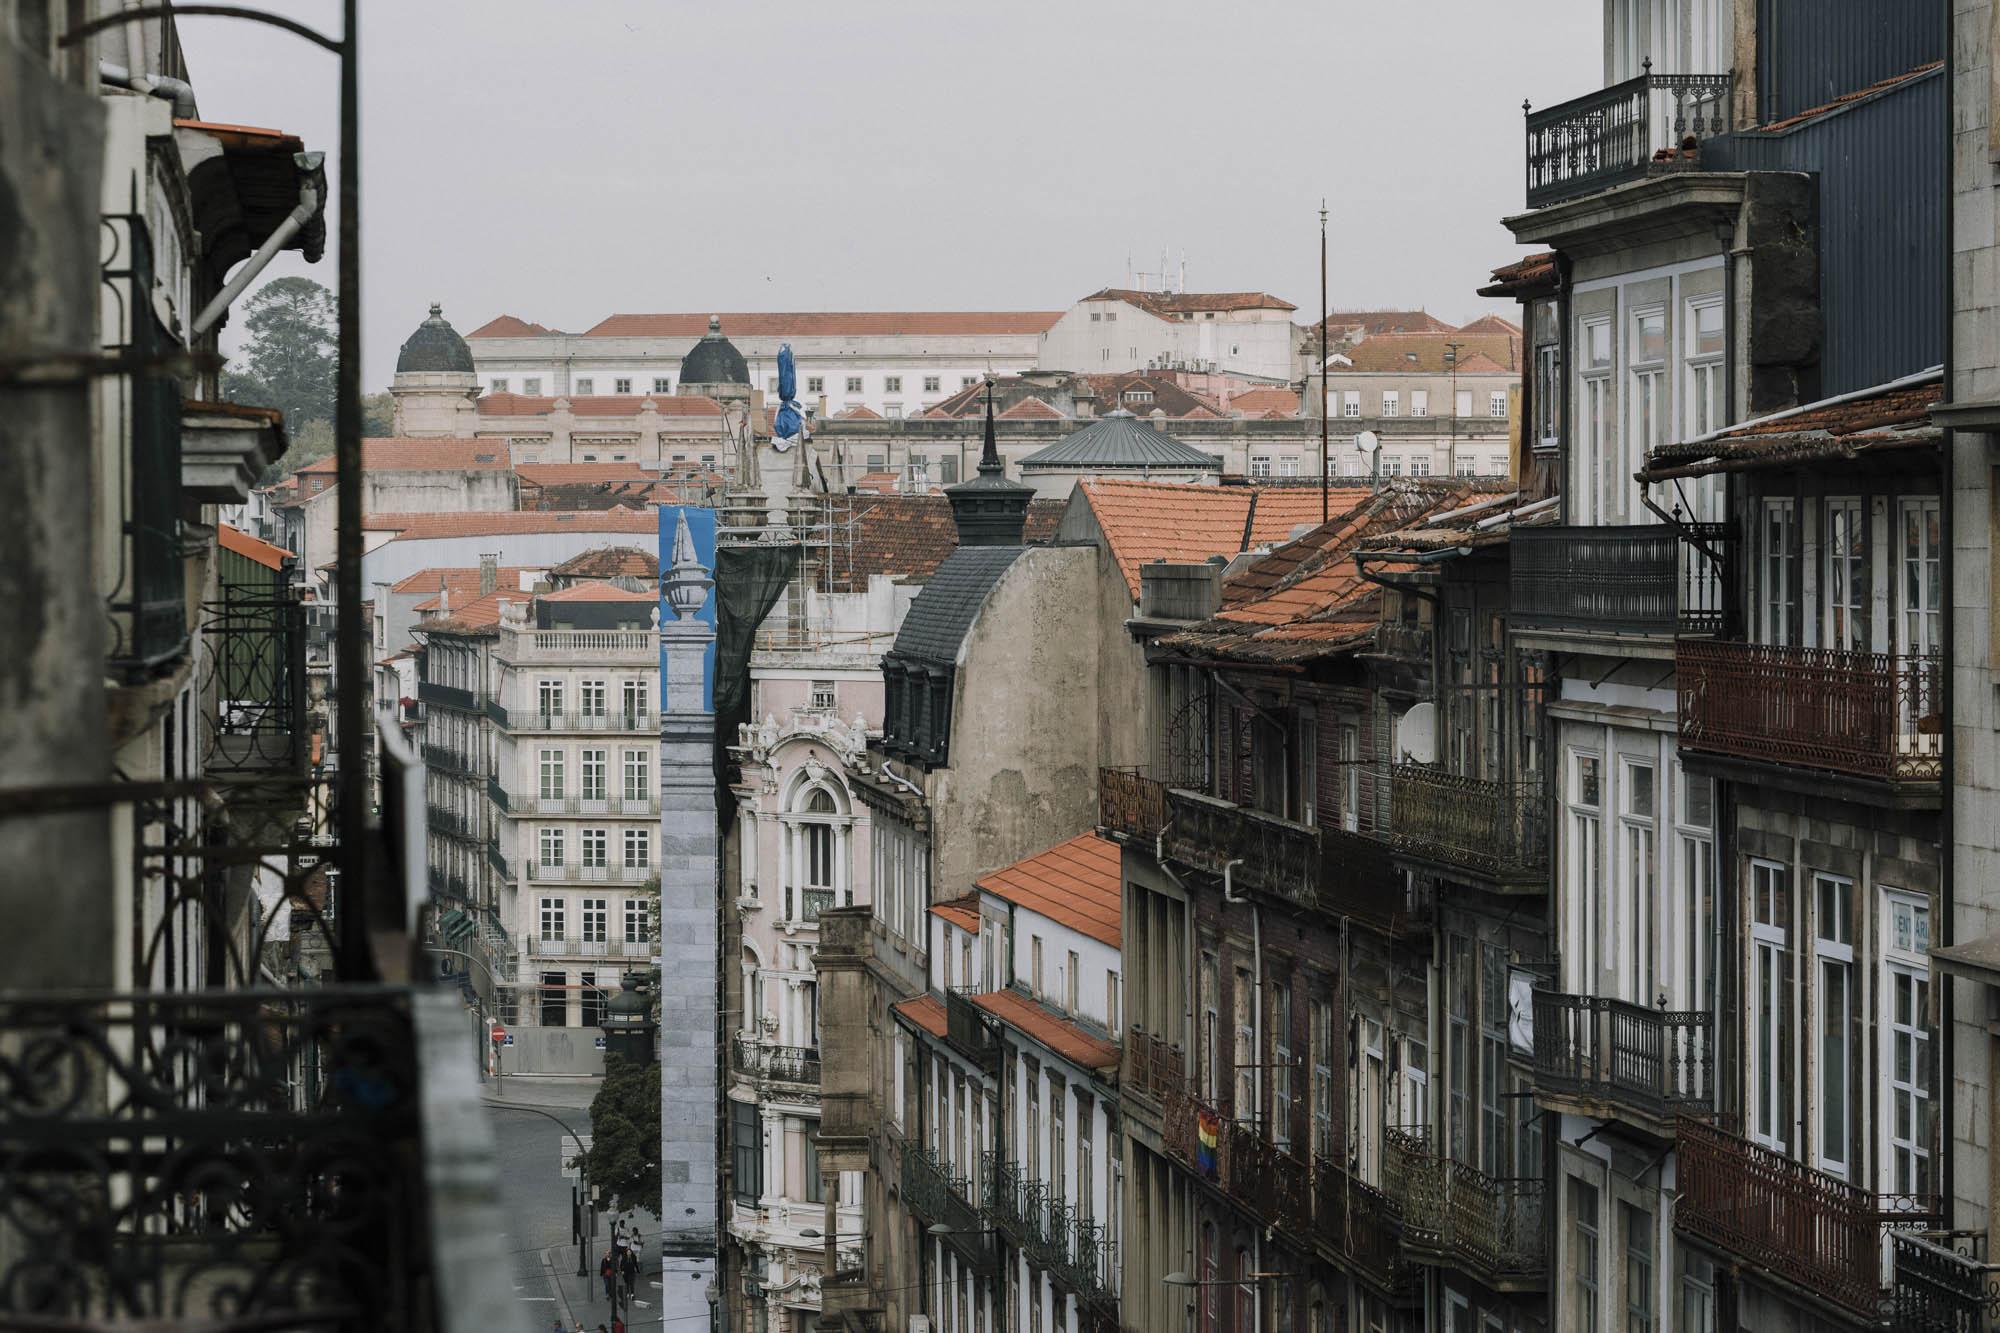 Camera Obscura-Porto-10.jpg